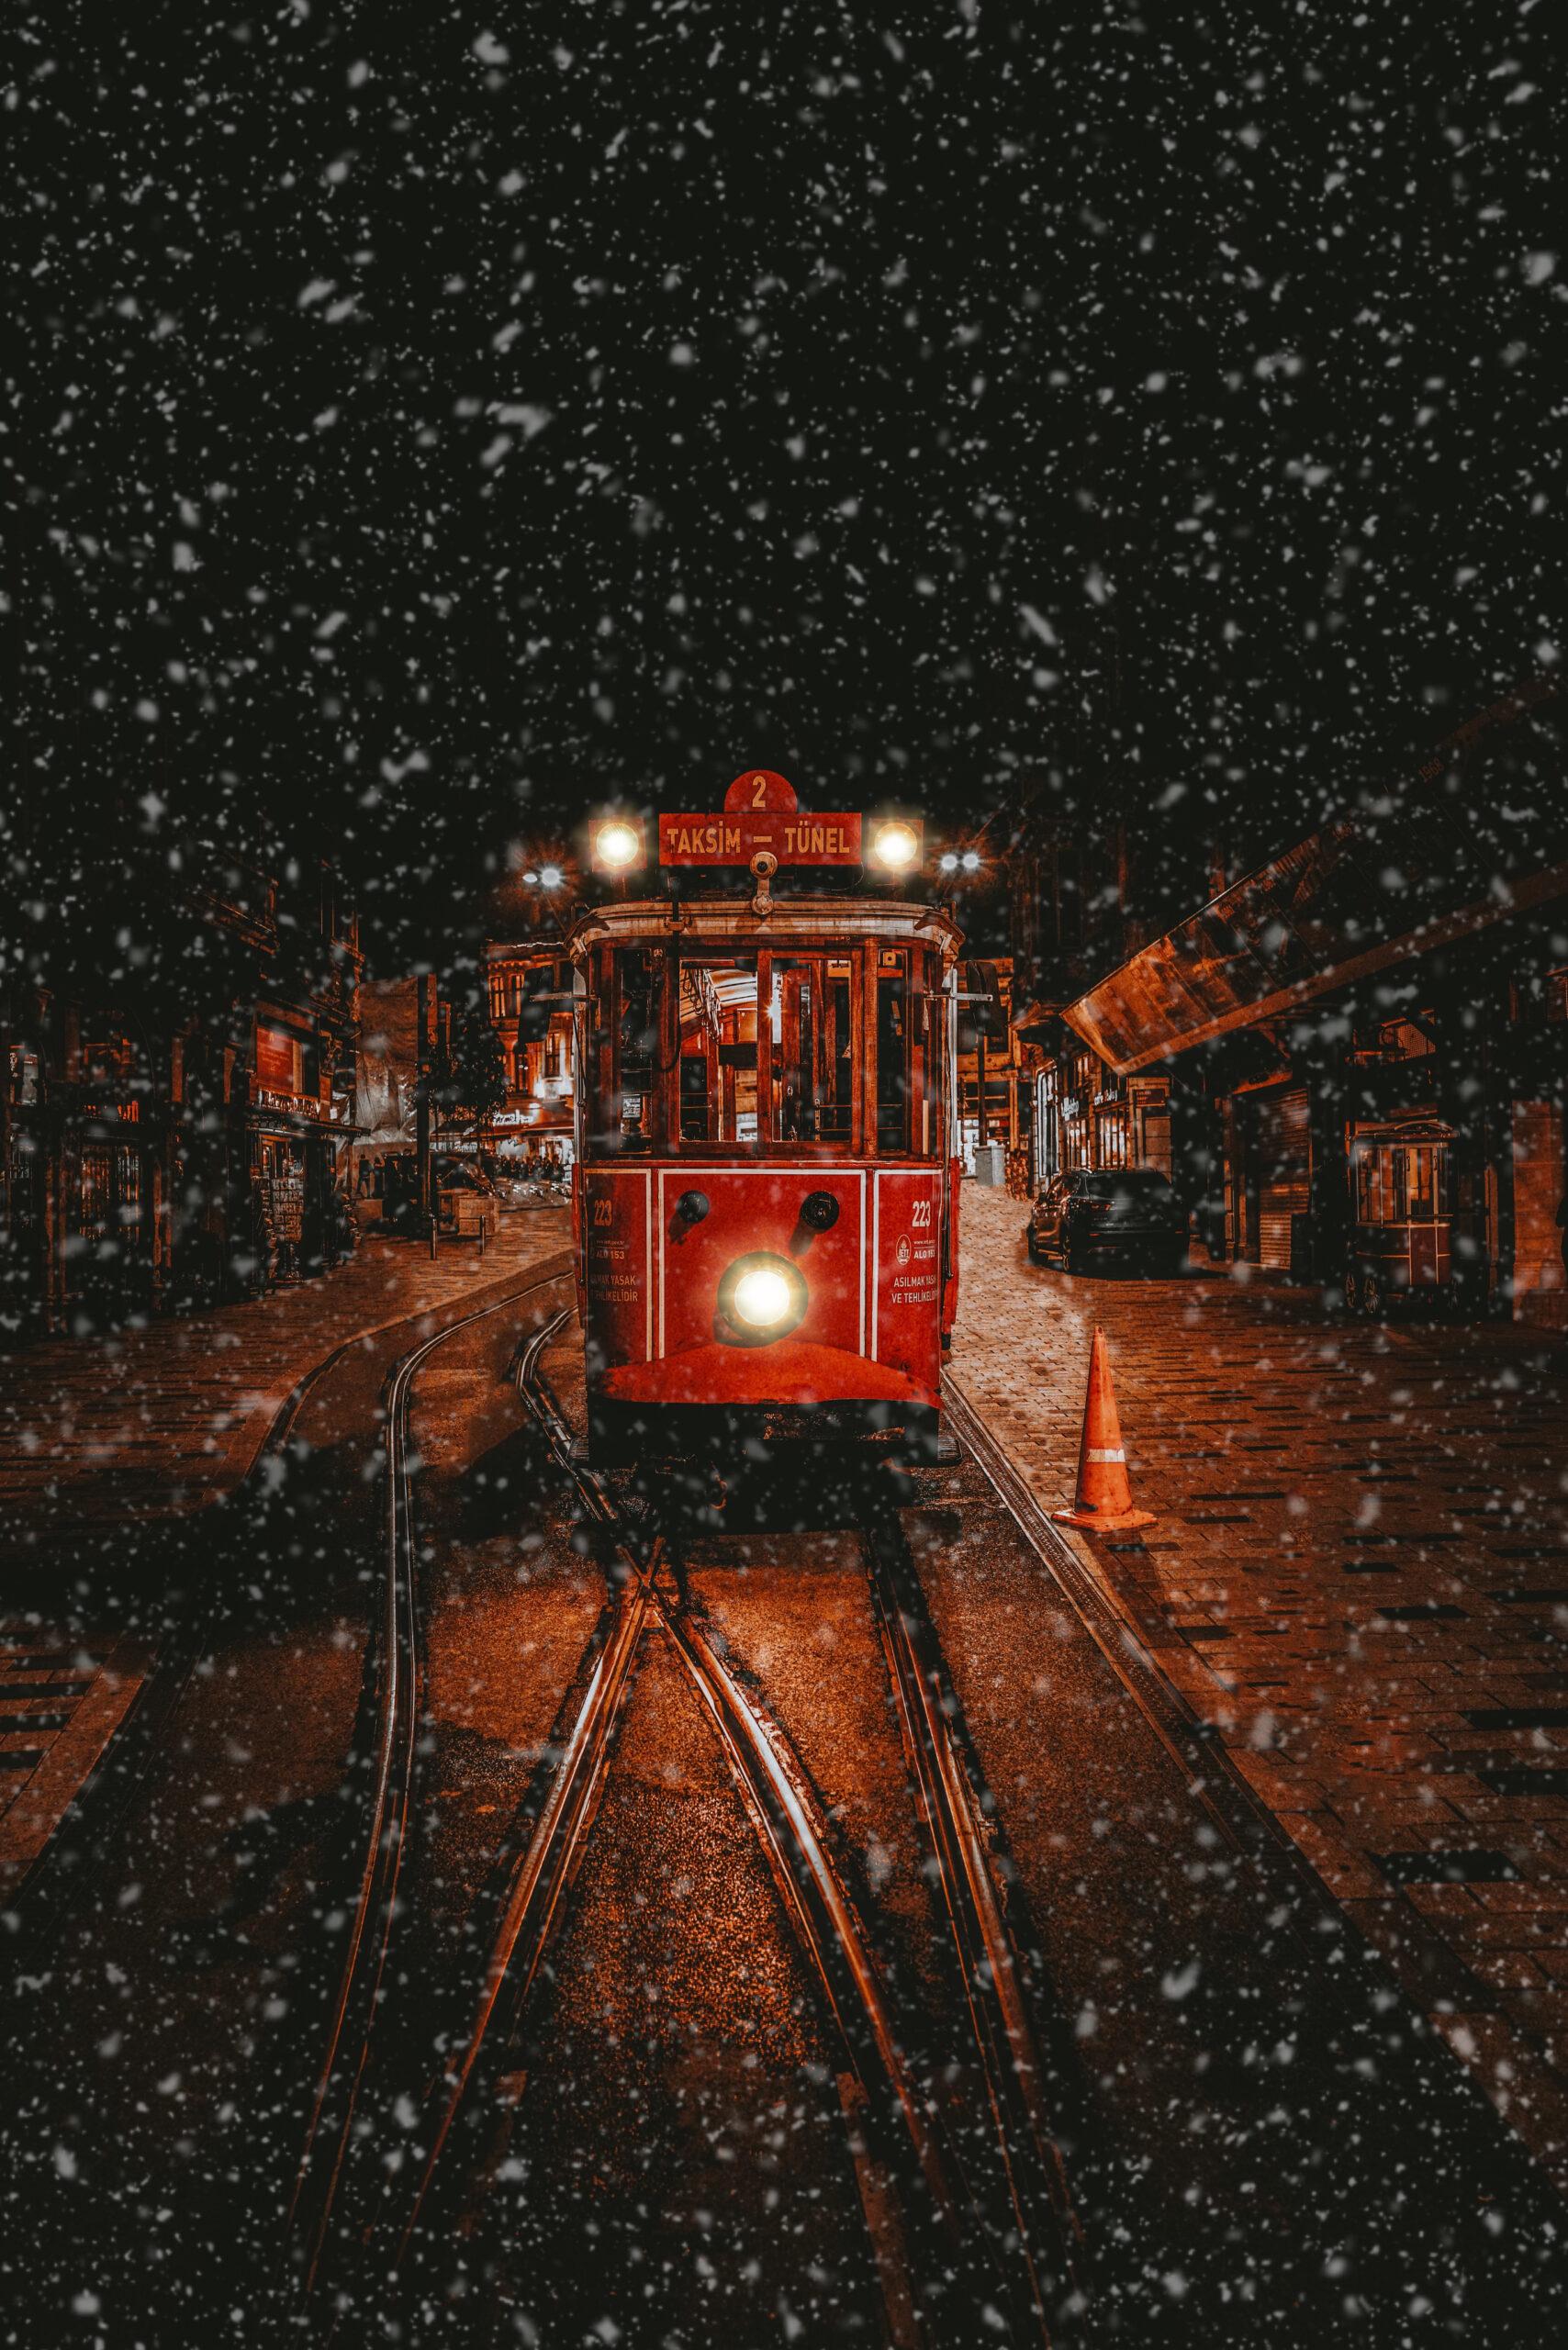 https://www.tourbulance.com.tr/wp-content/uploads/2021/03/Istanbul4-scaled.jpeg